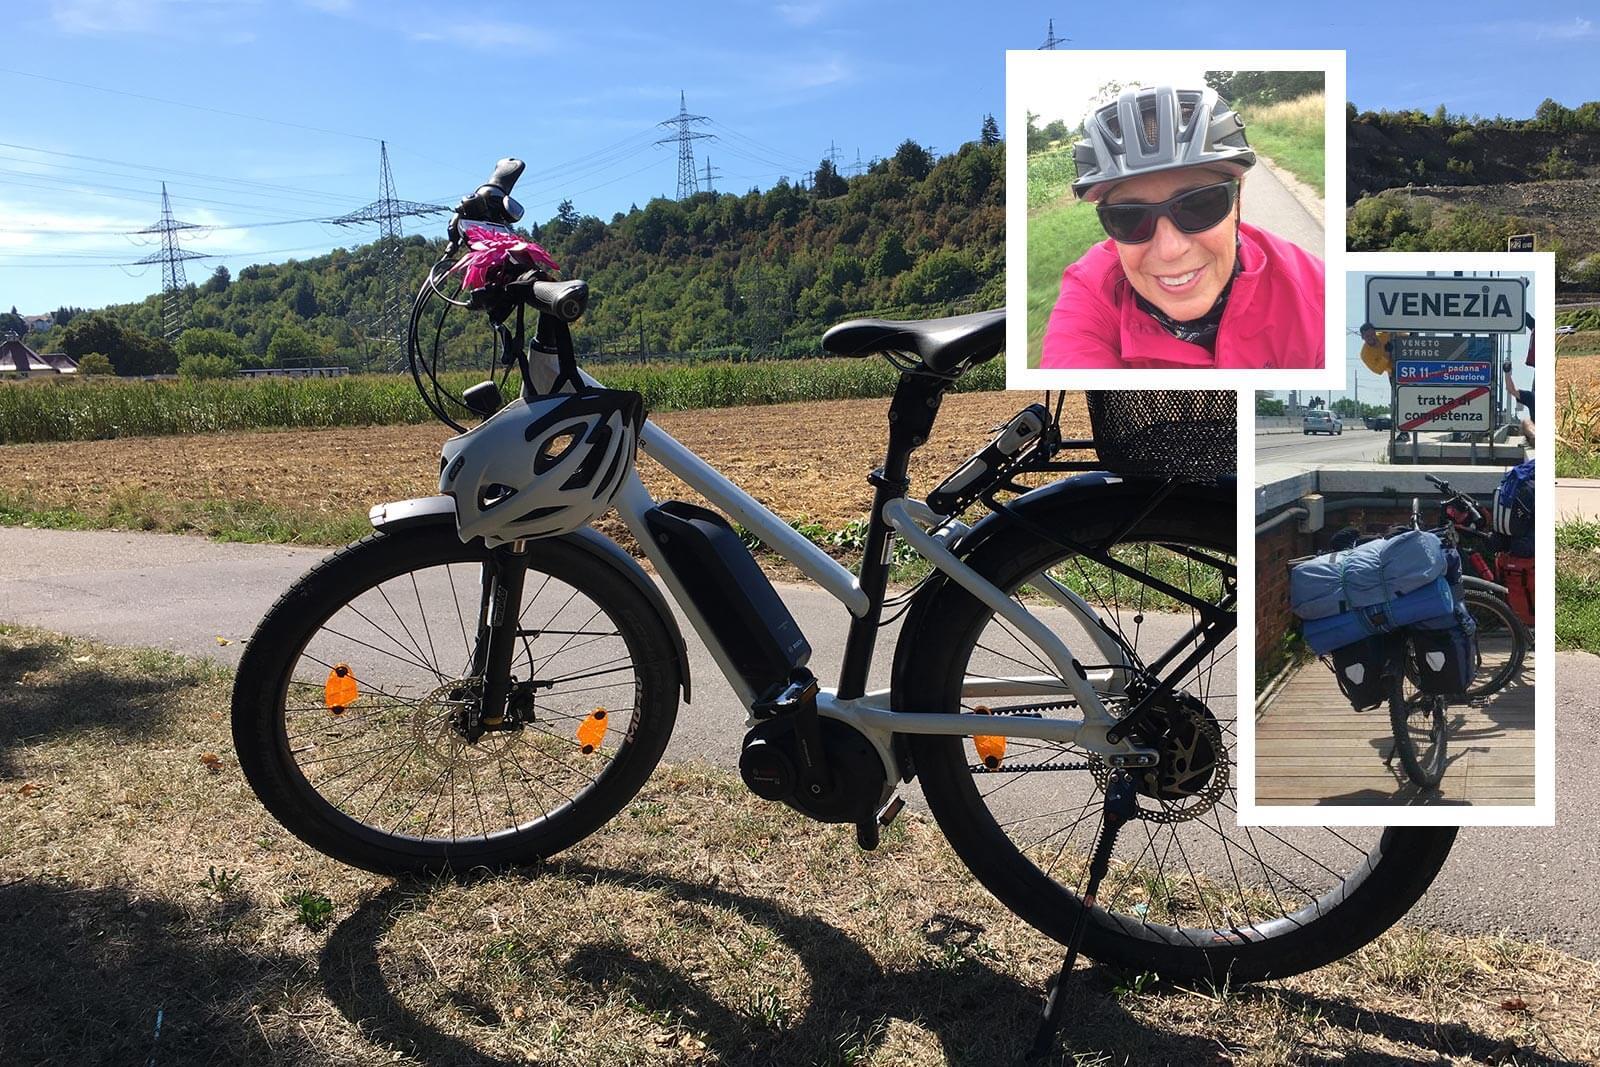 Heine Bike Radeln Statt Im Stau Stehen